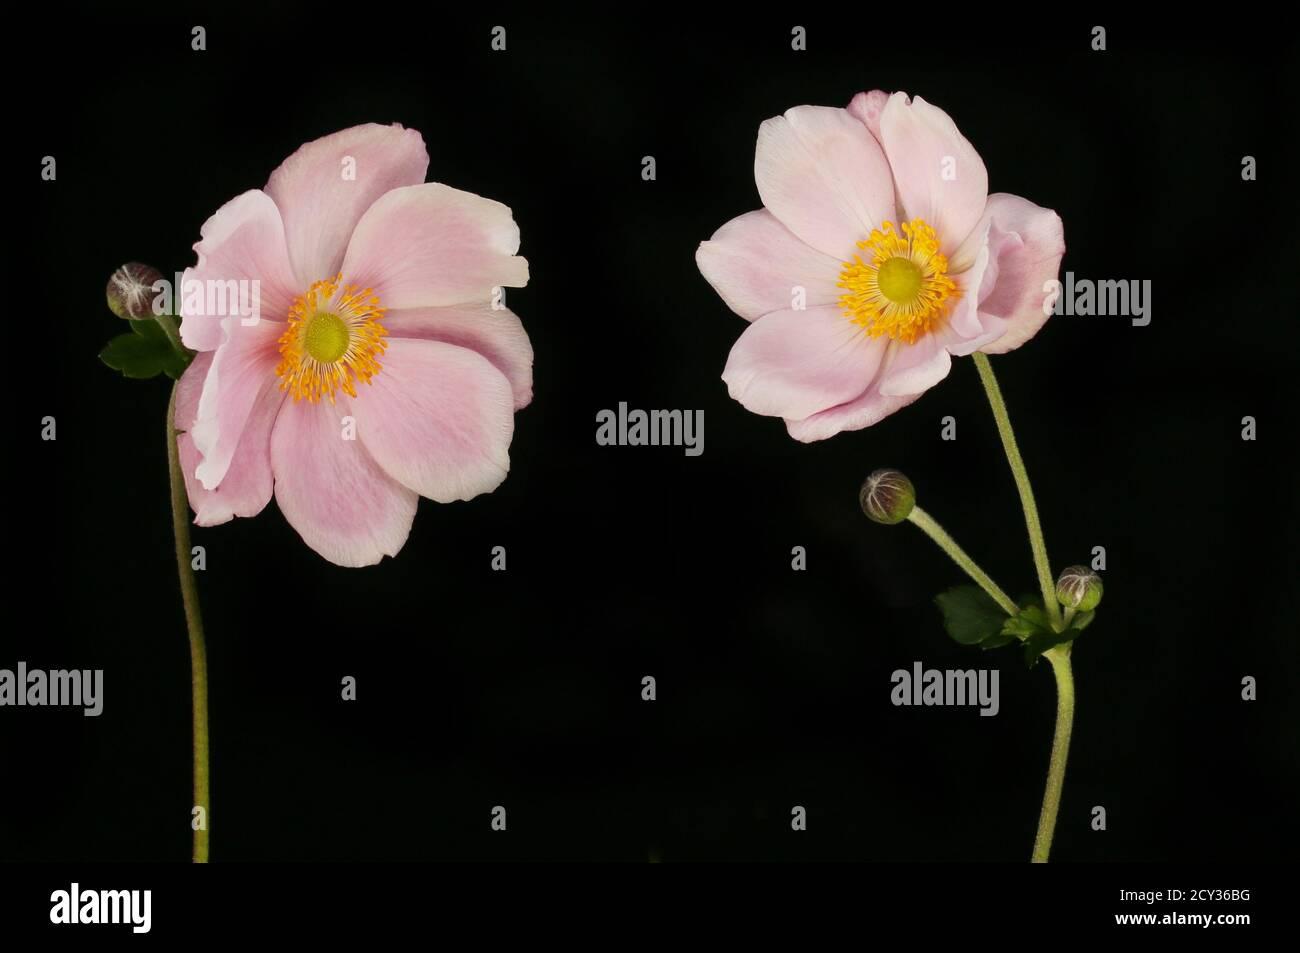 Deux fleurs d'anémone japonaise rose pastel, bourgeons et feuillage isolés contre le noir Banque D'Images